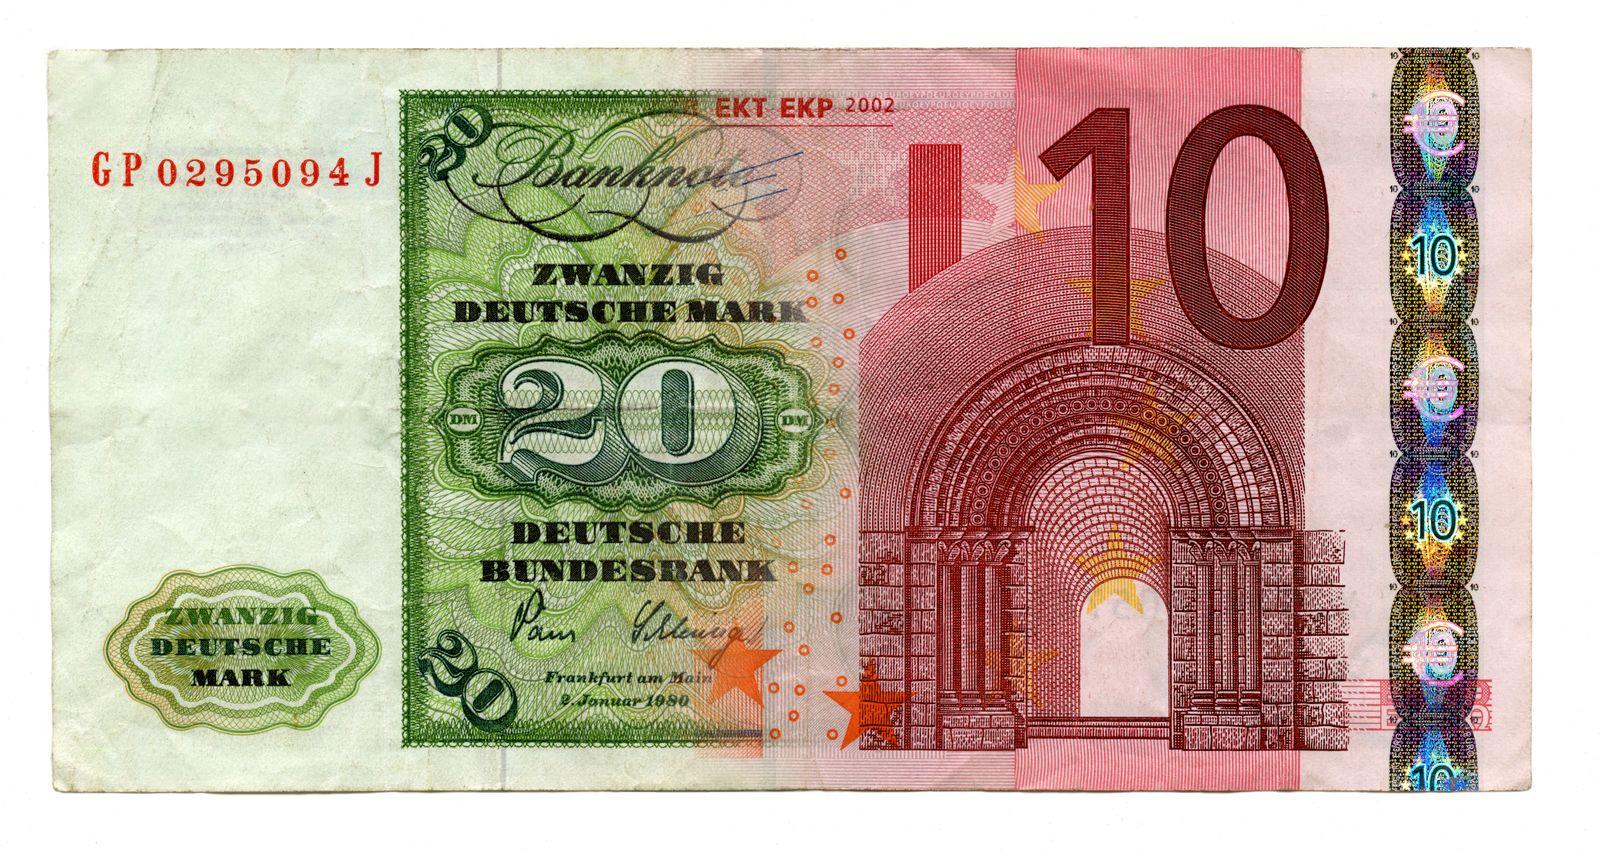 NICHT MEHR VERWENDEN! - Euro und D-Mark / Deutsche Mark / Geldschein / Mark